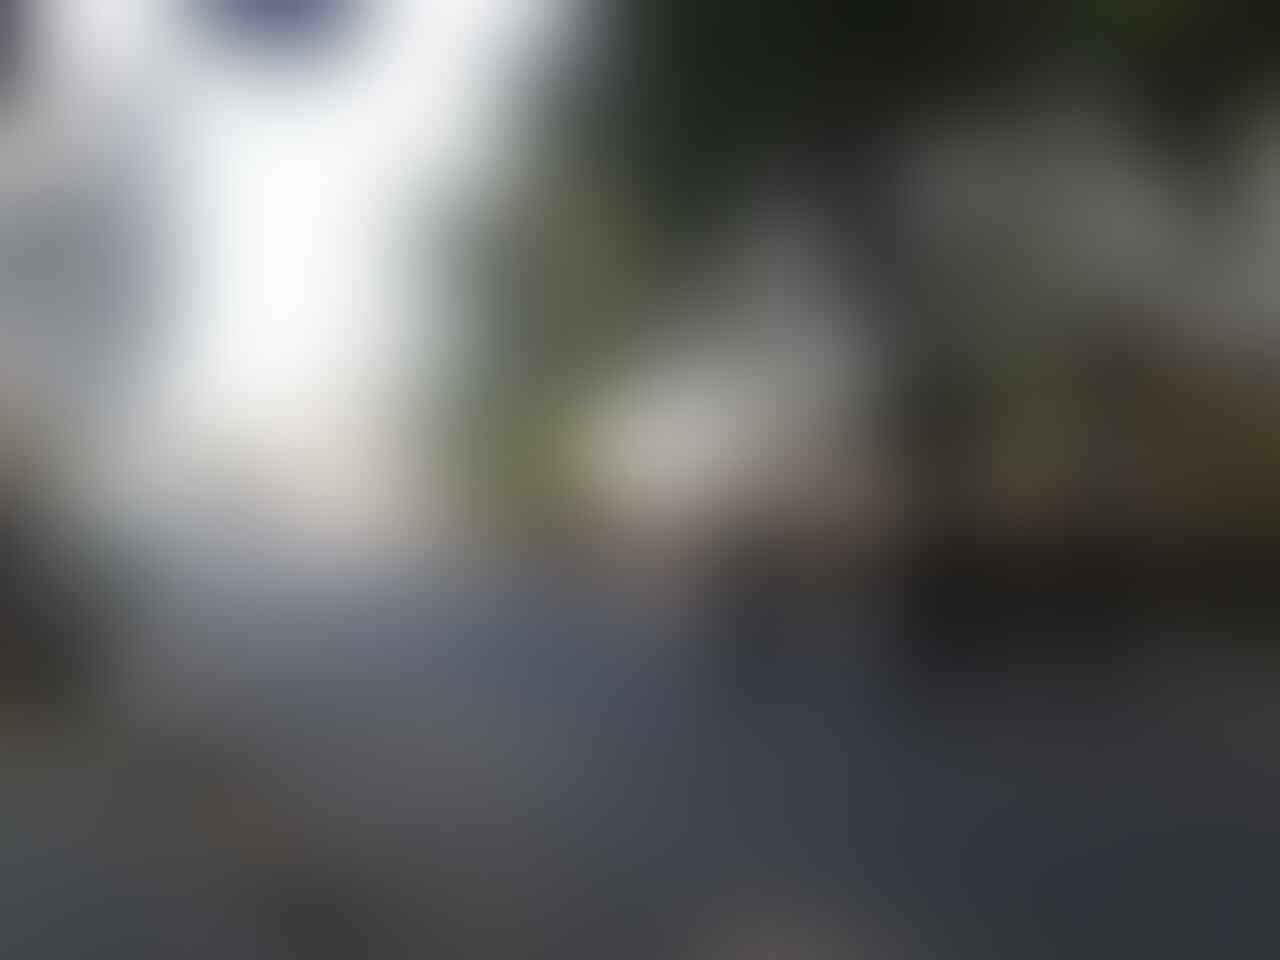 Bentrokan di Mako Brimob, Polisi Bantah Keterlibatan ISIS